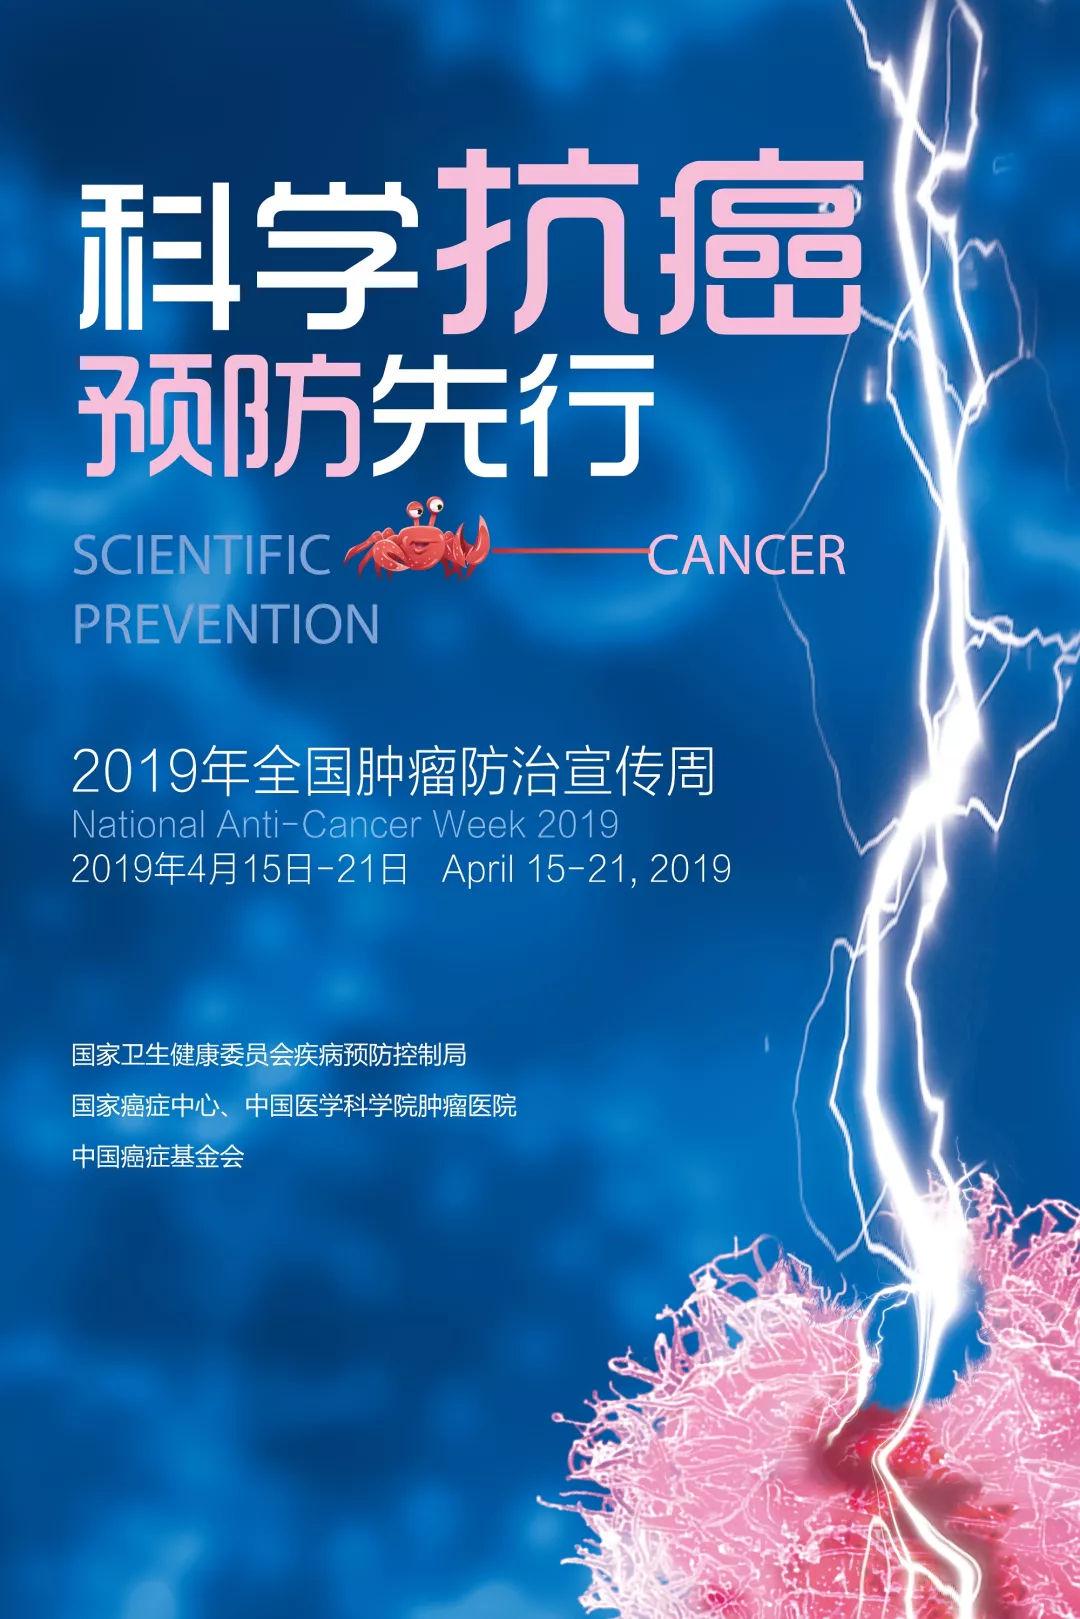 科学抗癌 预防先行 2019年全国肿瘤防治周